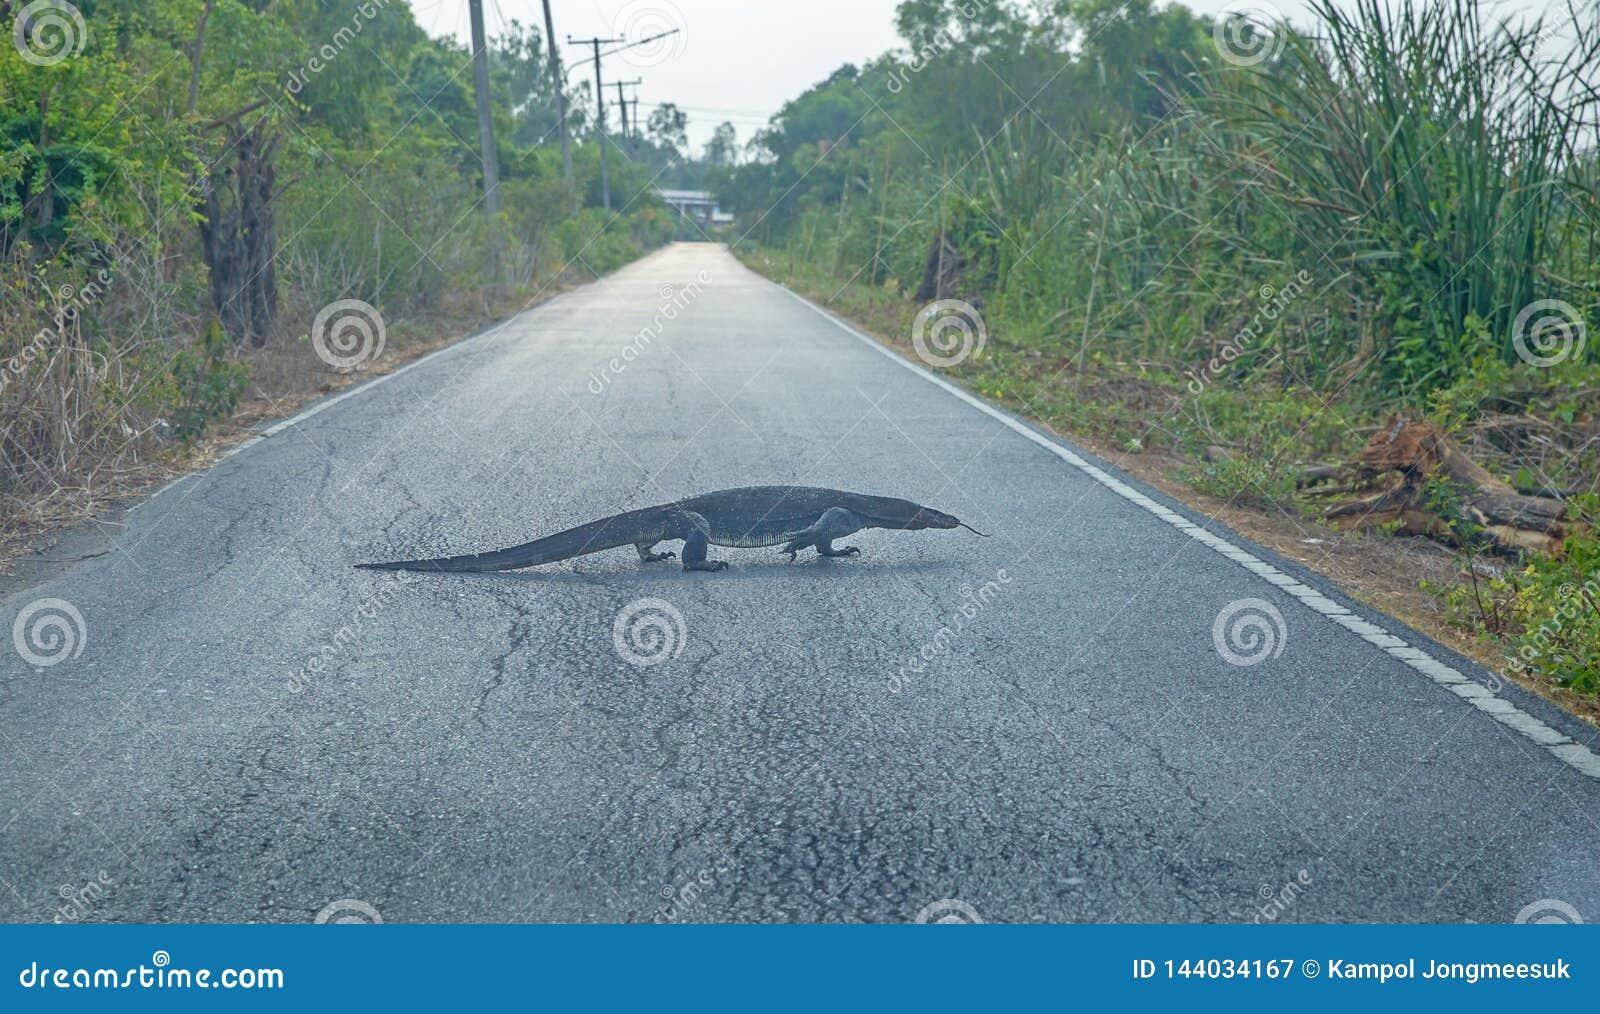 De Varanus rampement lentement sur la route, foyer sélectif